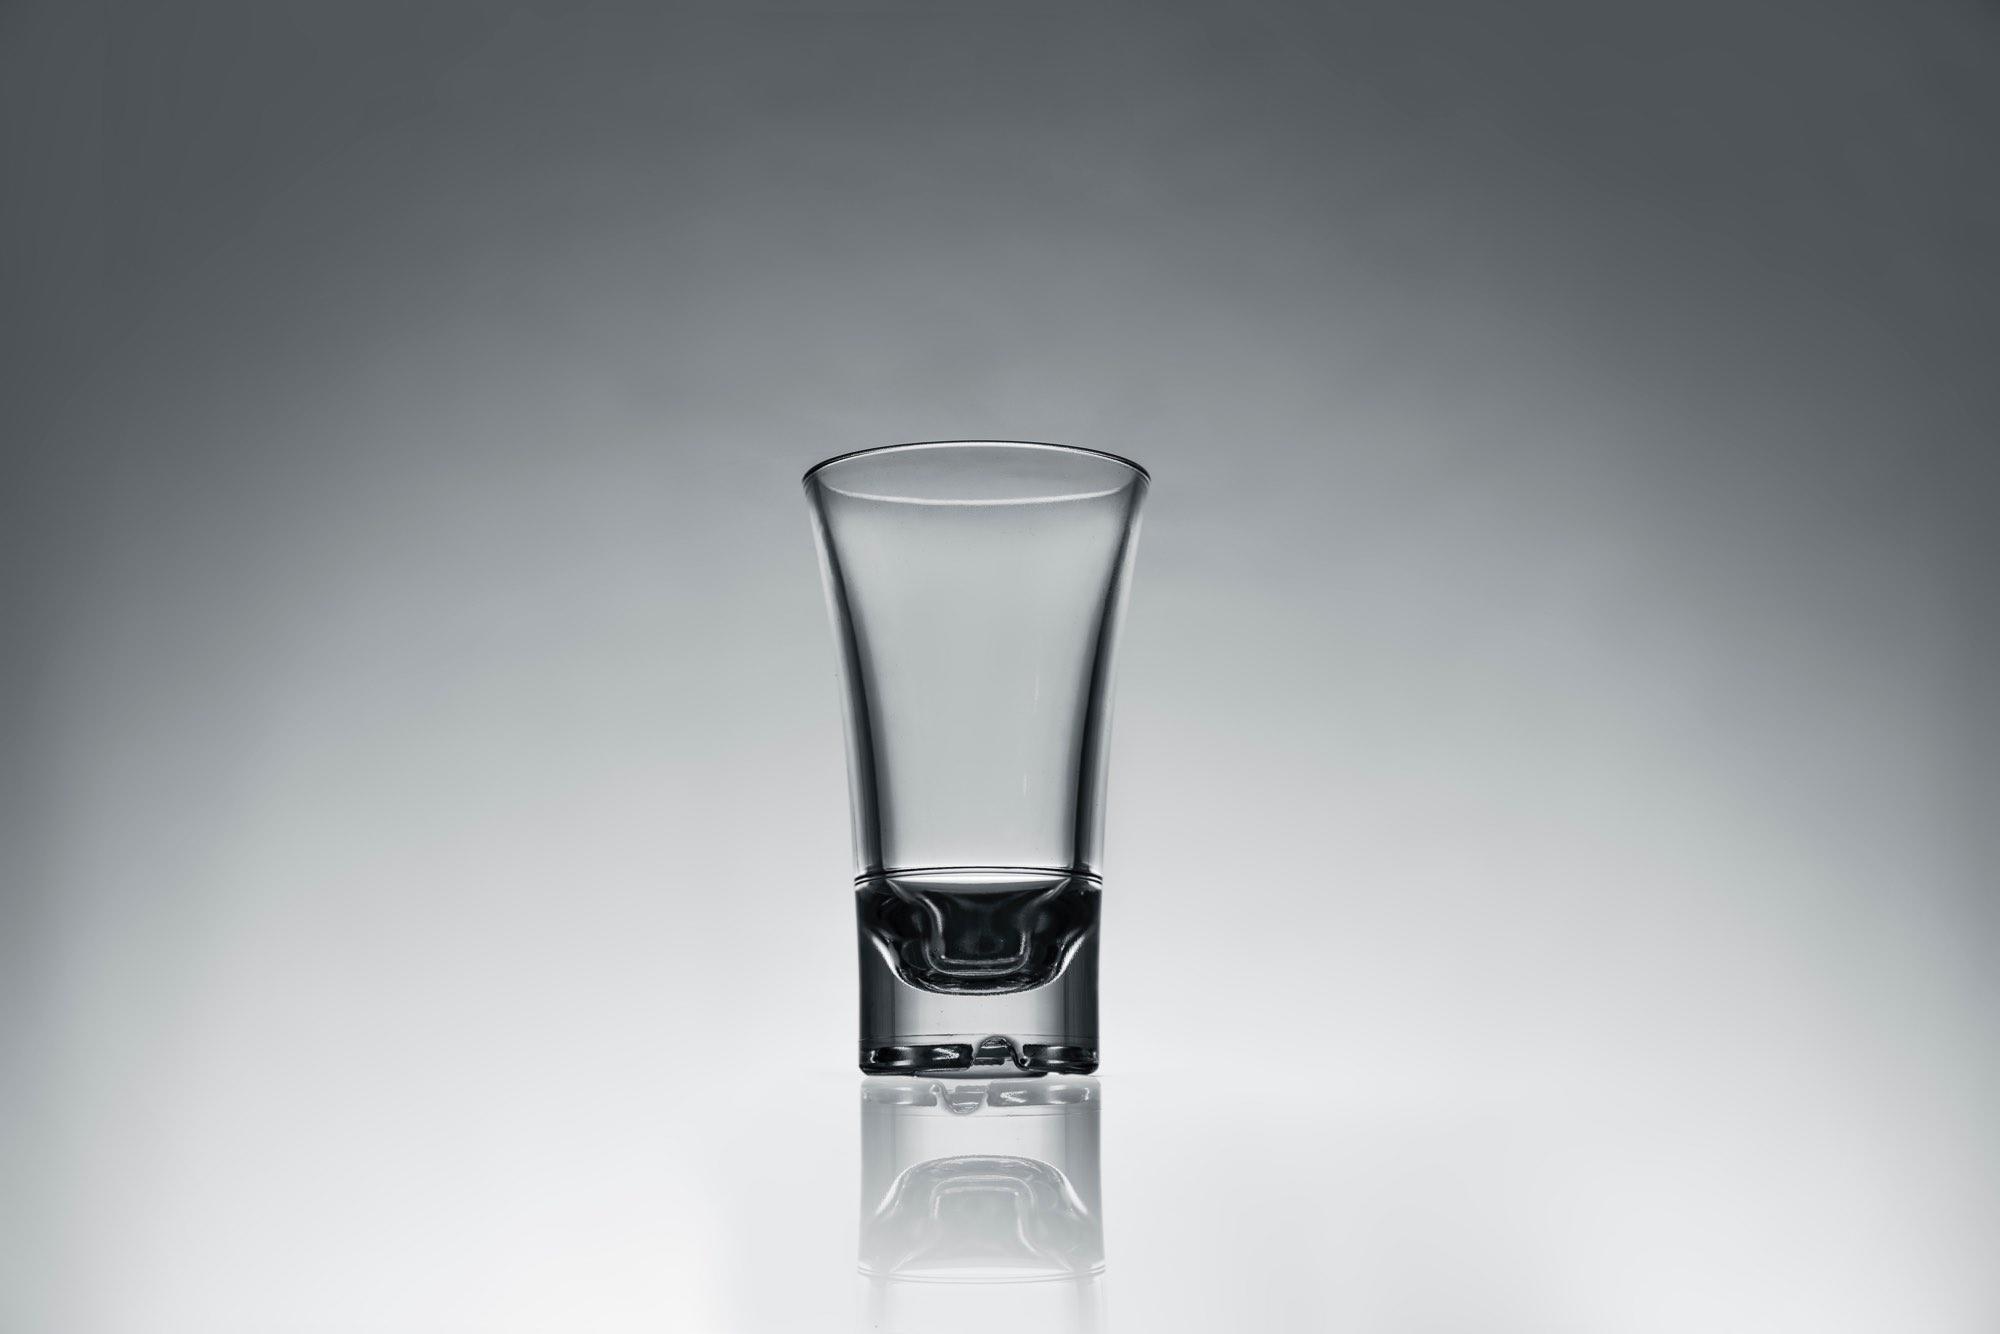 Műanyag shot pohár - Med Plast 2000 Kft